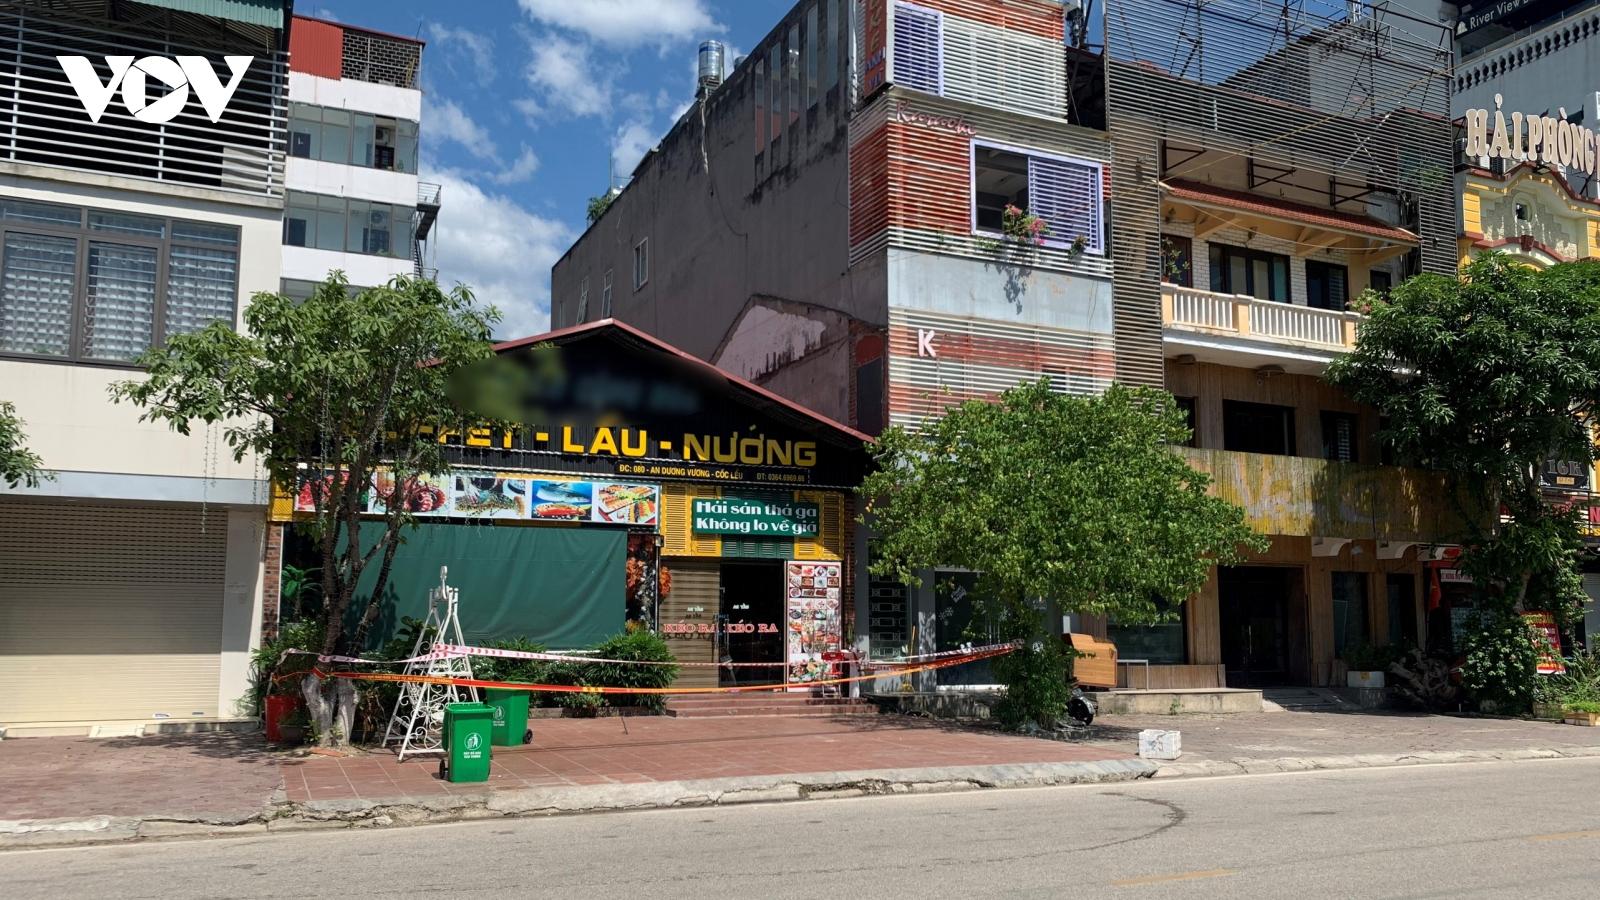 Thêm một ca nghi mắc Covid-19 ở Lào Cai